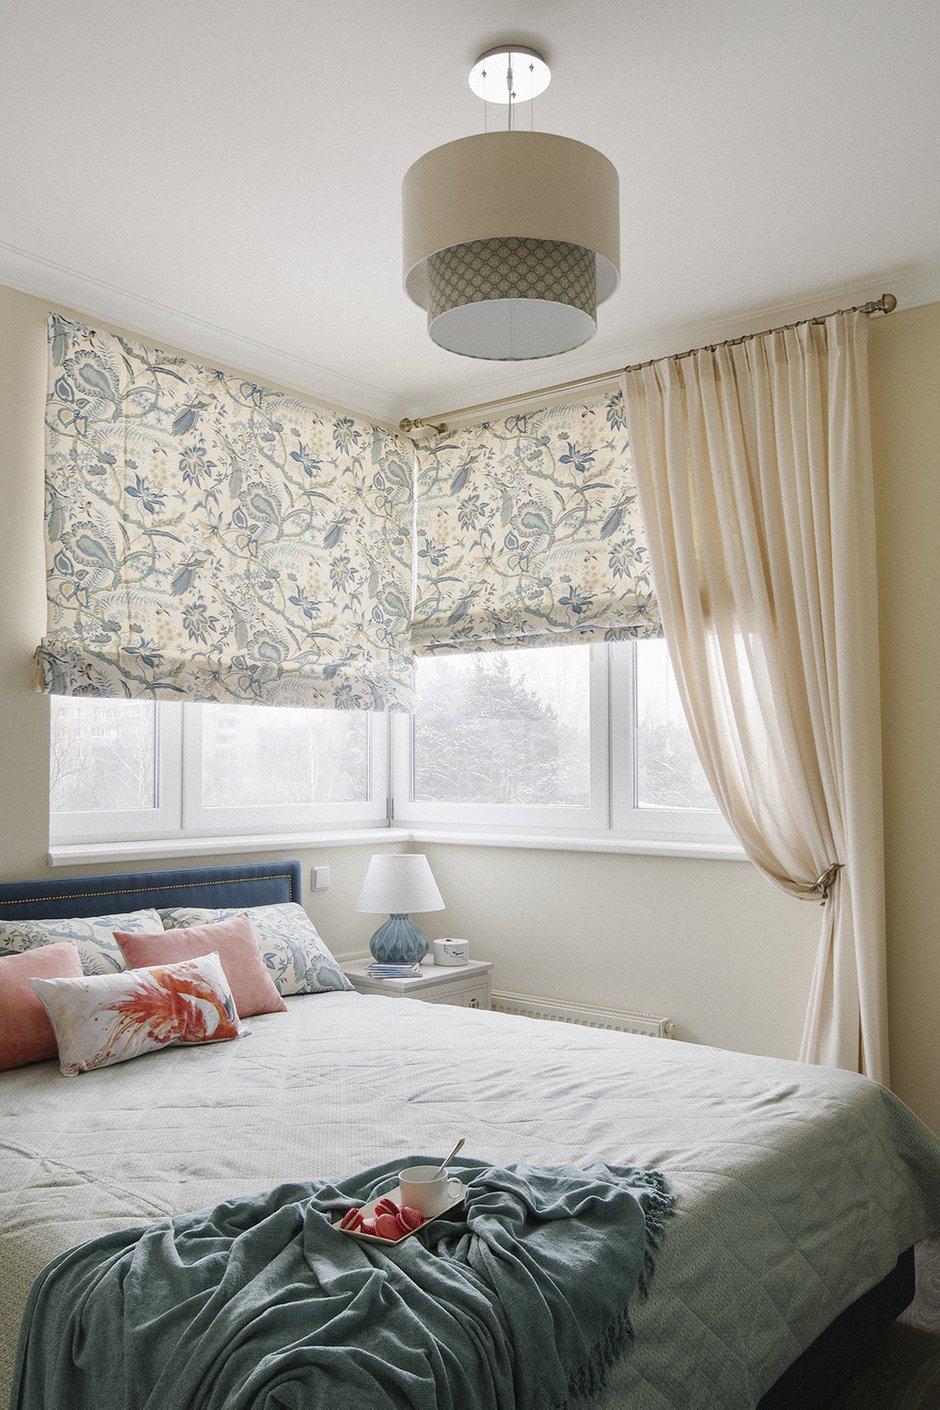 Фотография: Спальня в стиле Современный, Квартира, Проект недели, Химки, Инна Величко, 3 комнаты, 60-90 метров – фото на INMYROOM